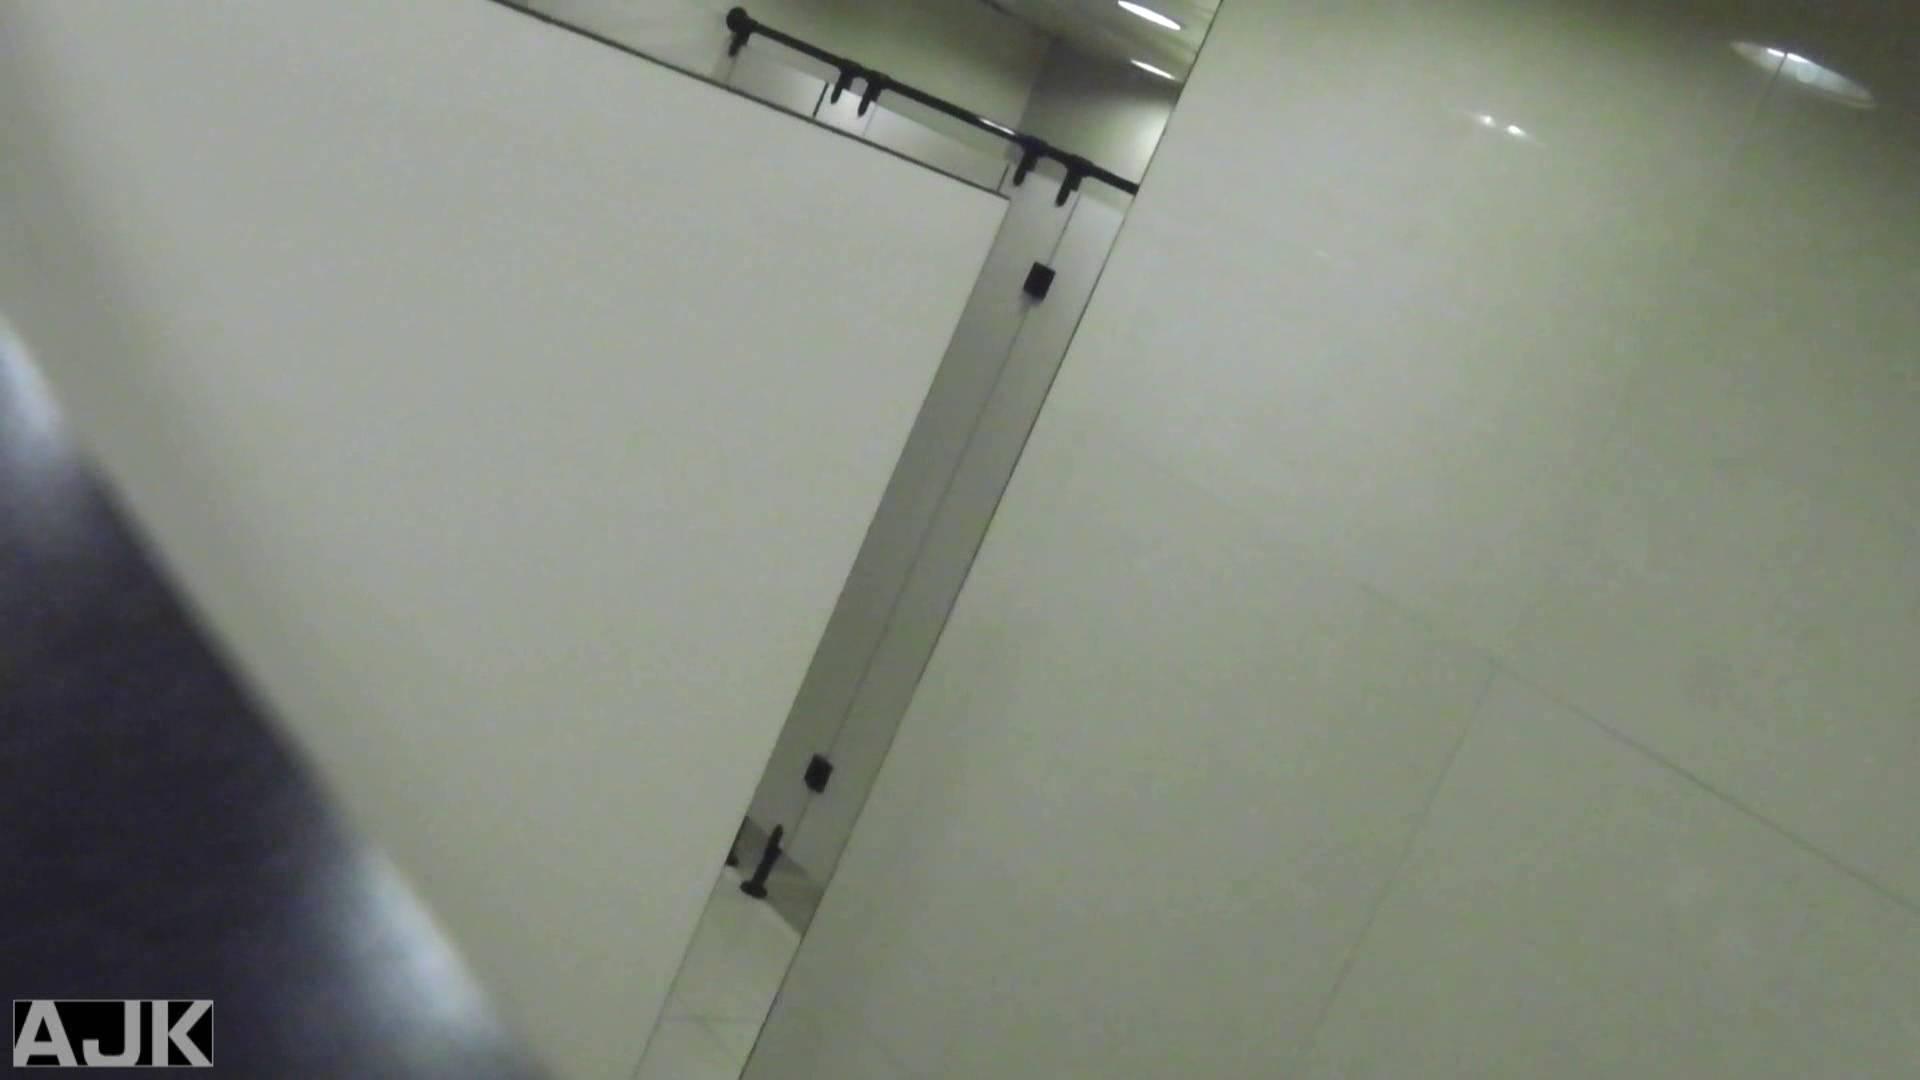 隣国上階級エリアの令嬢たちが集うデパートお手洗い Vol.17 お手洗い  98pic 34